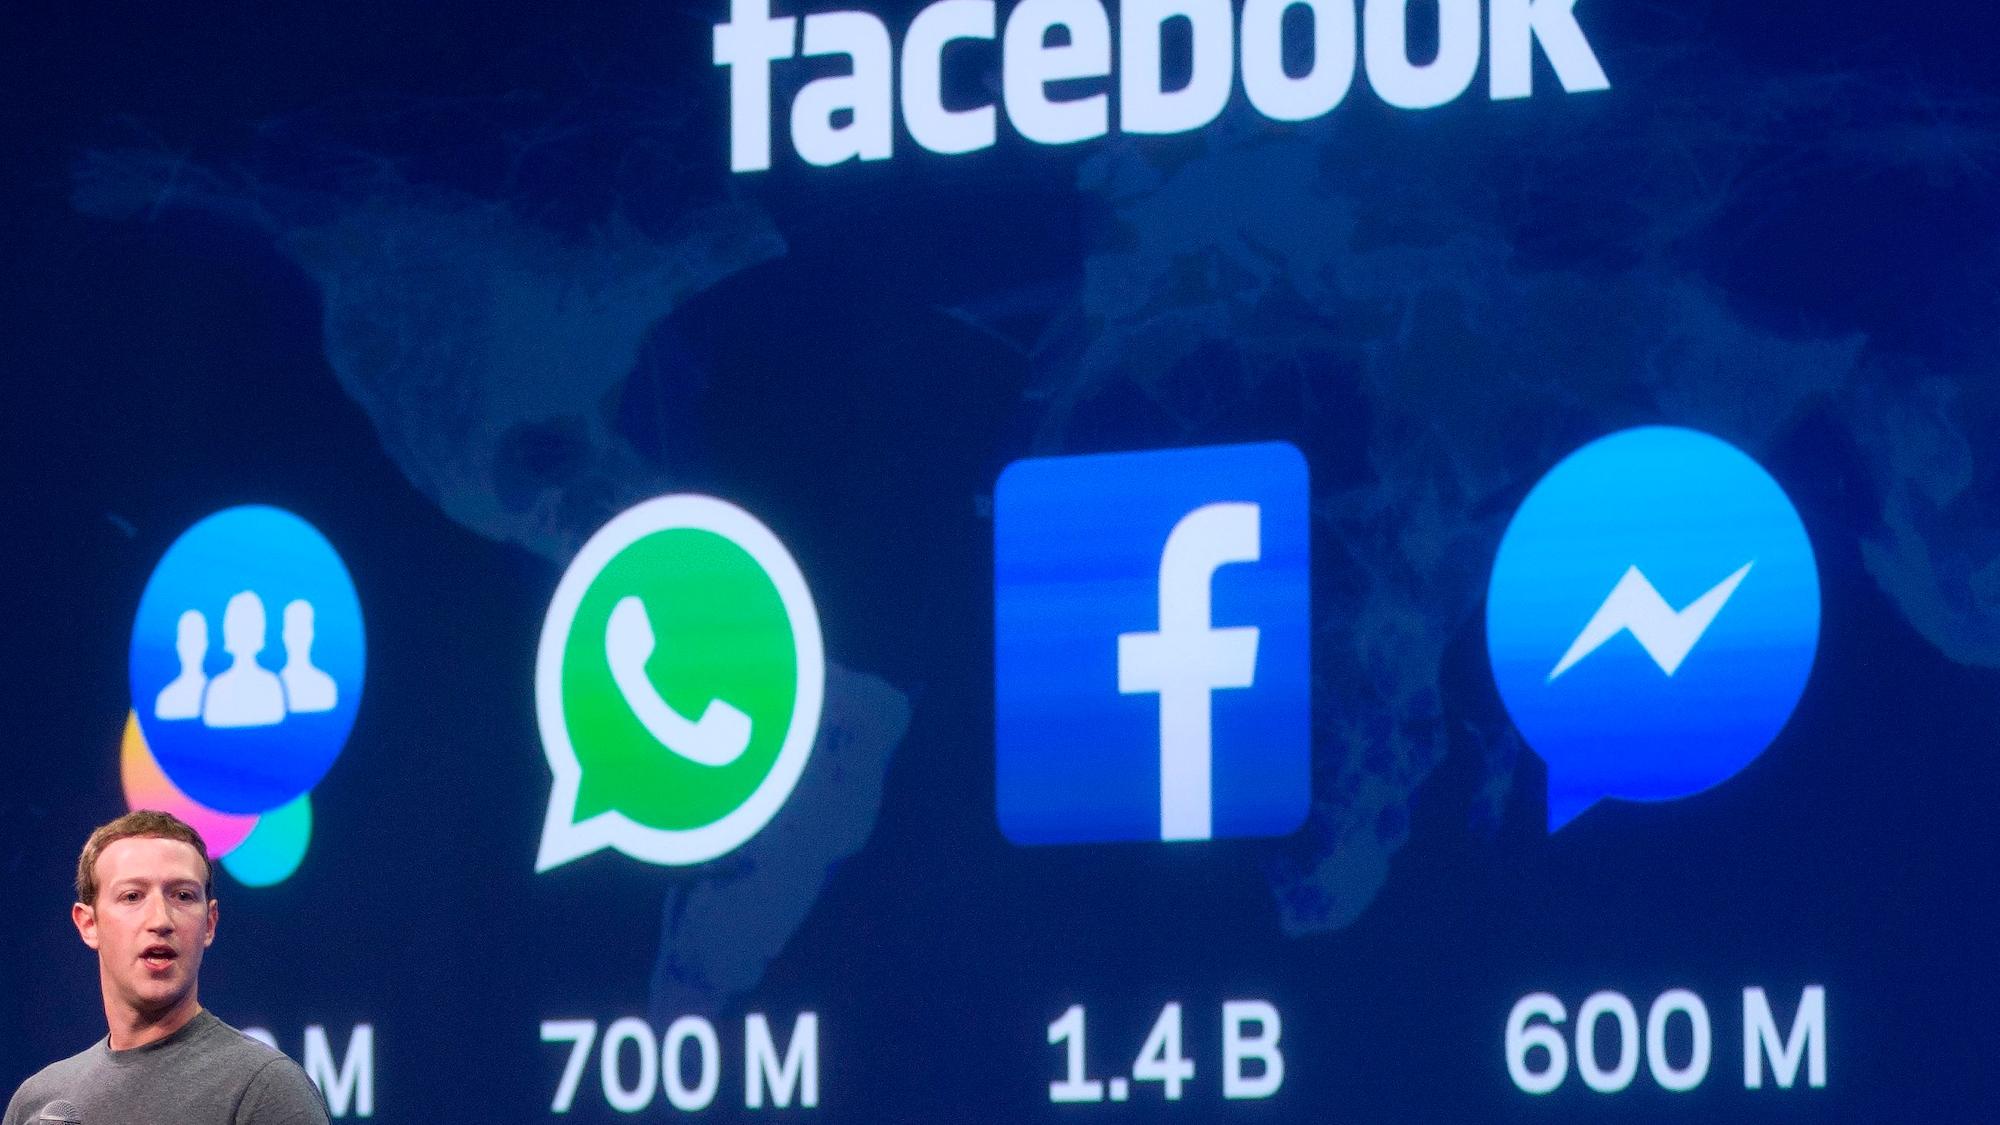 Jede zweite Bitte der Behörden wird abgeschmettert: Facebook lässt Ermittler zappeln